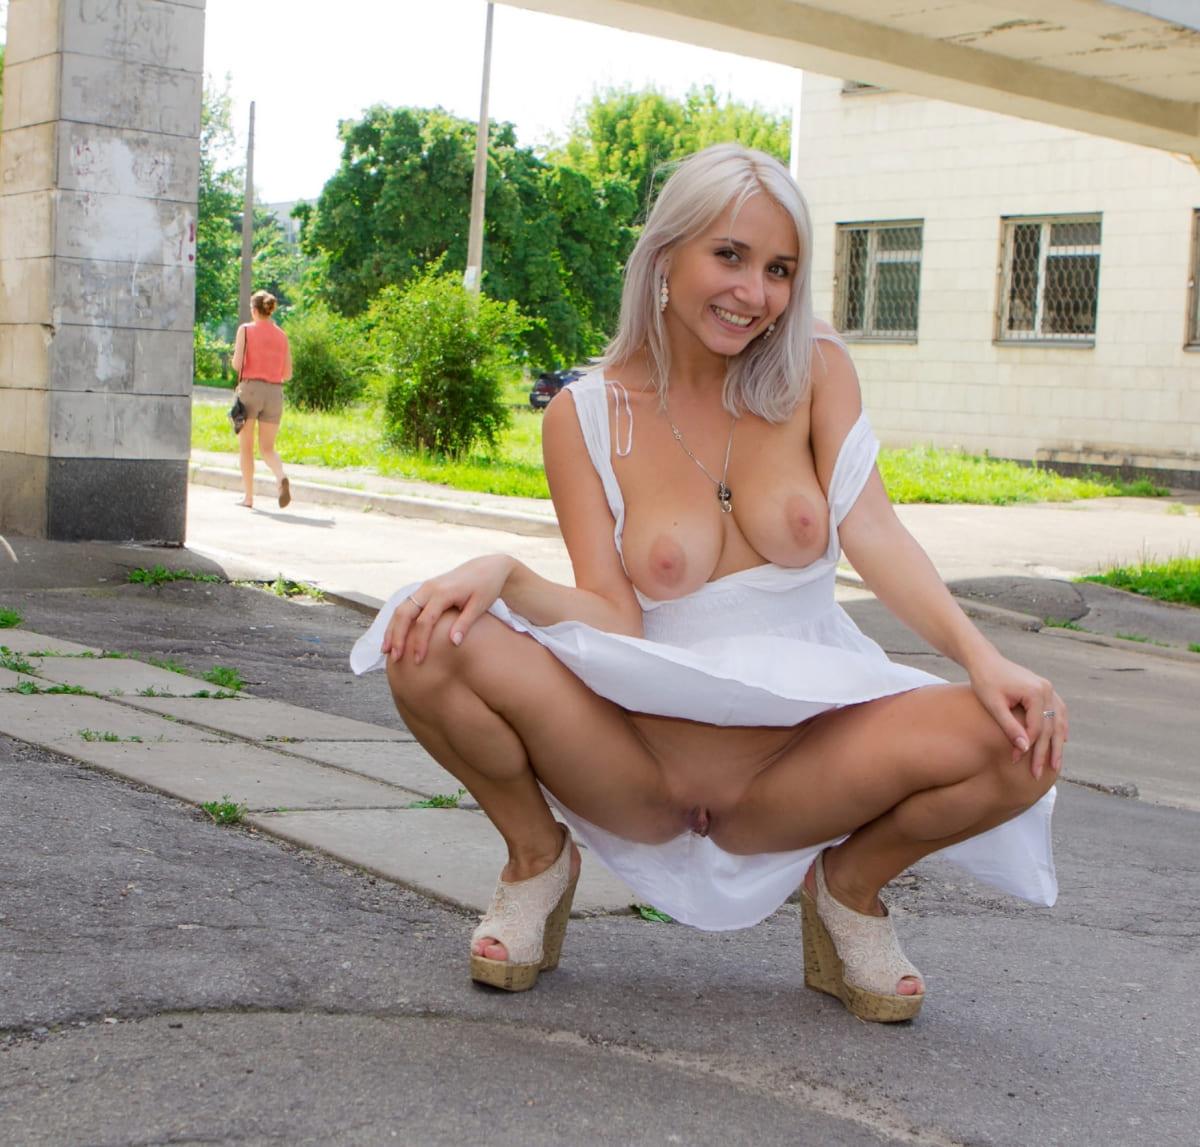 эксбиционистка блондинка сидит вприсядку раздвинув ноги без трусов и сняв плечики белого платья оголила большую грудь, босоножки на платформе и каблуке